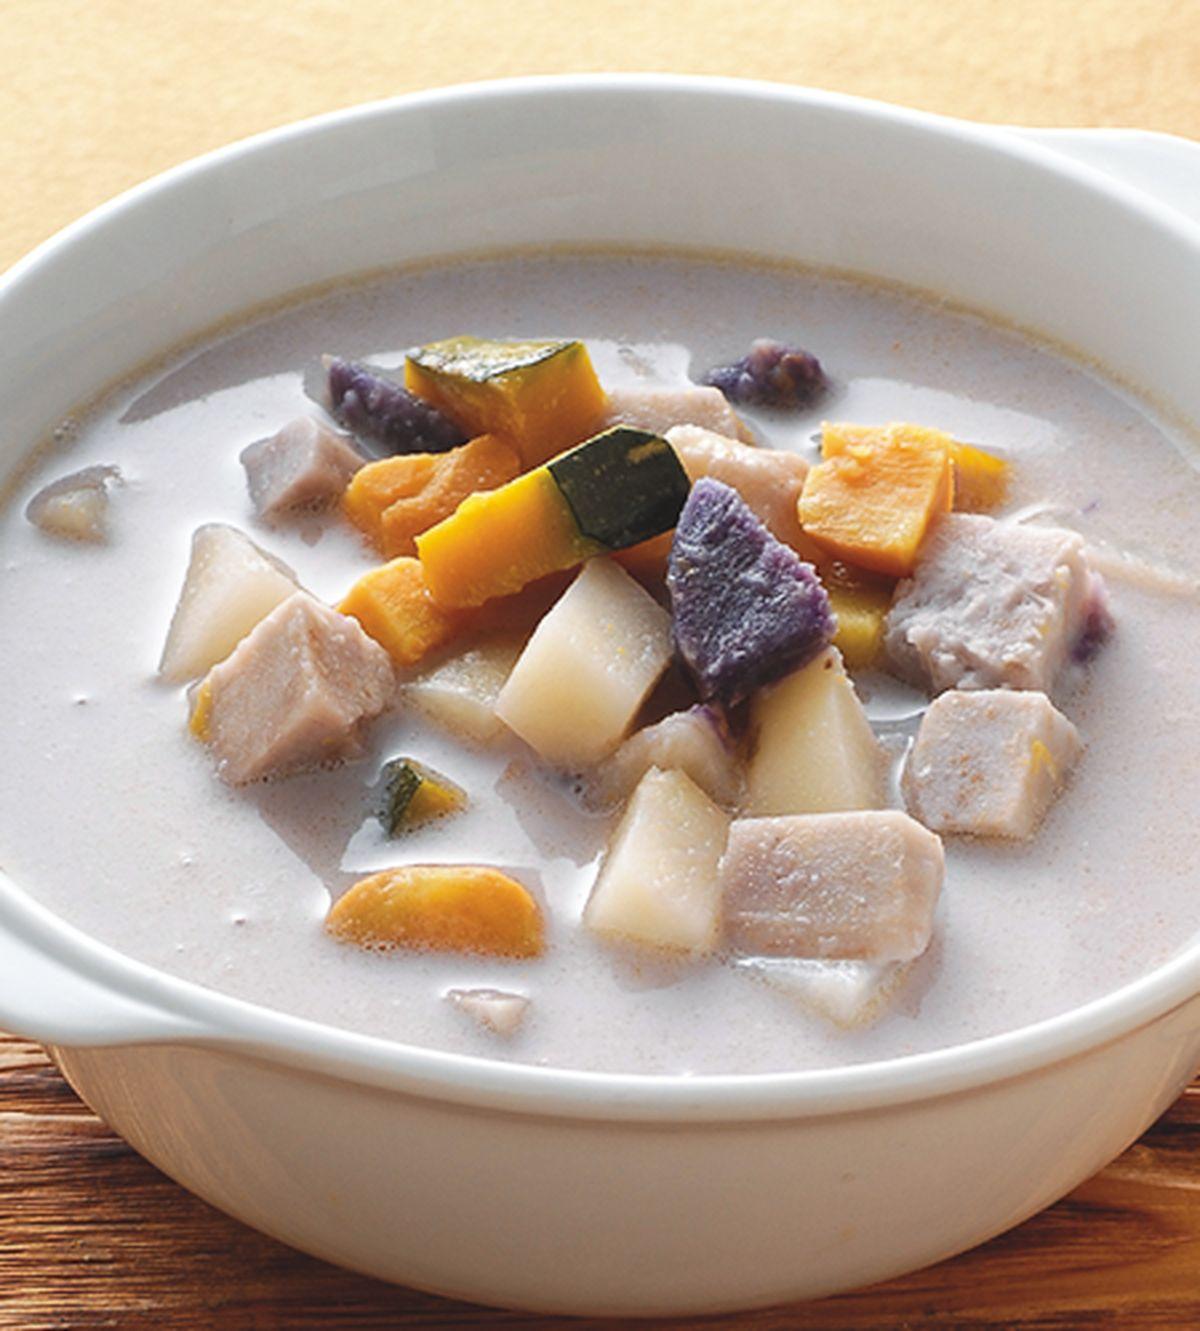 食譜:根莖蔬菜豆漿湯